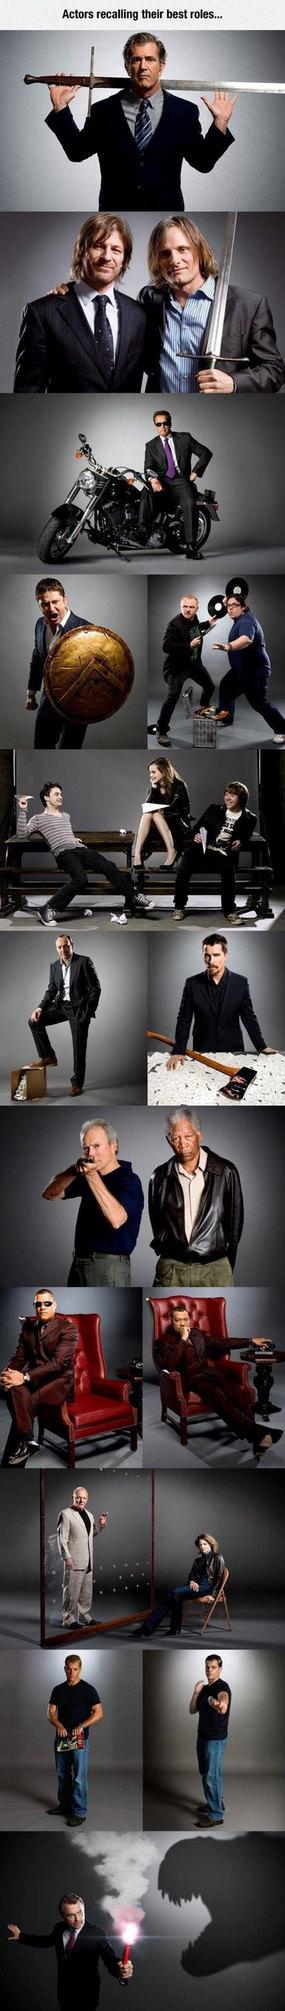 Actors recalling their best roles. - meme